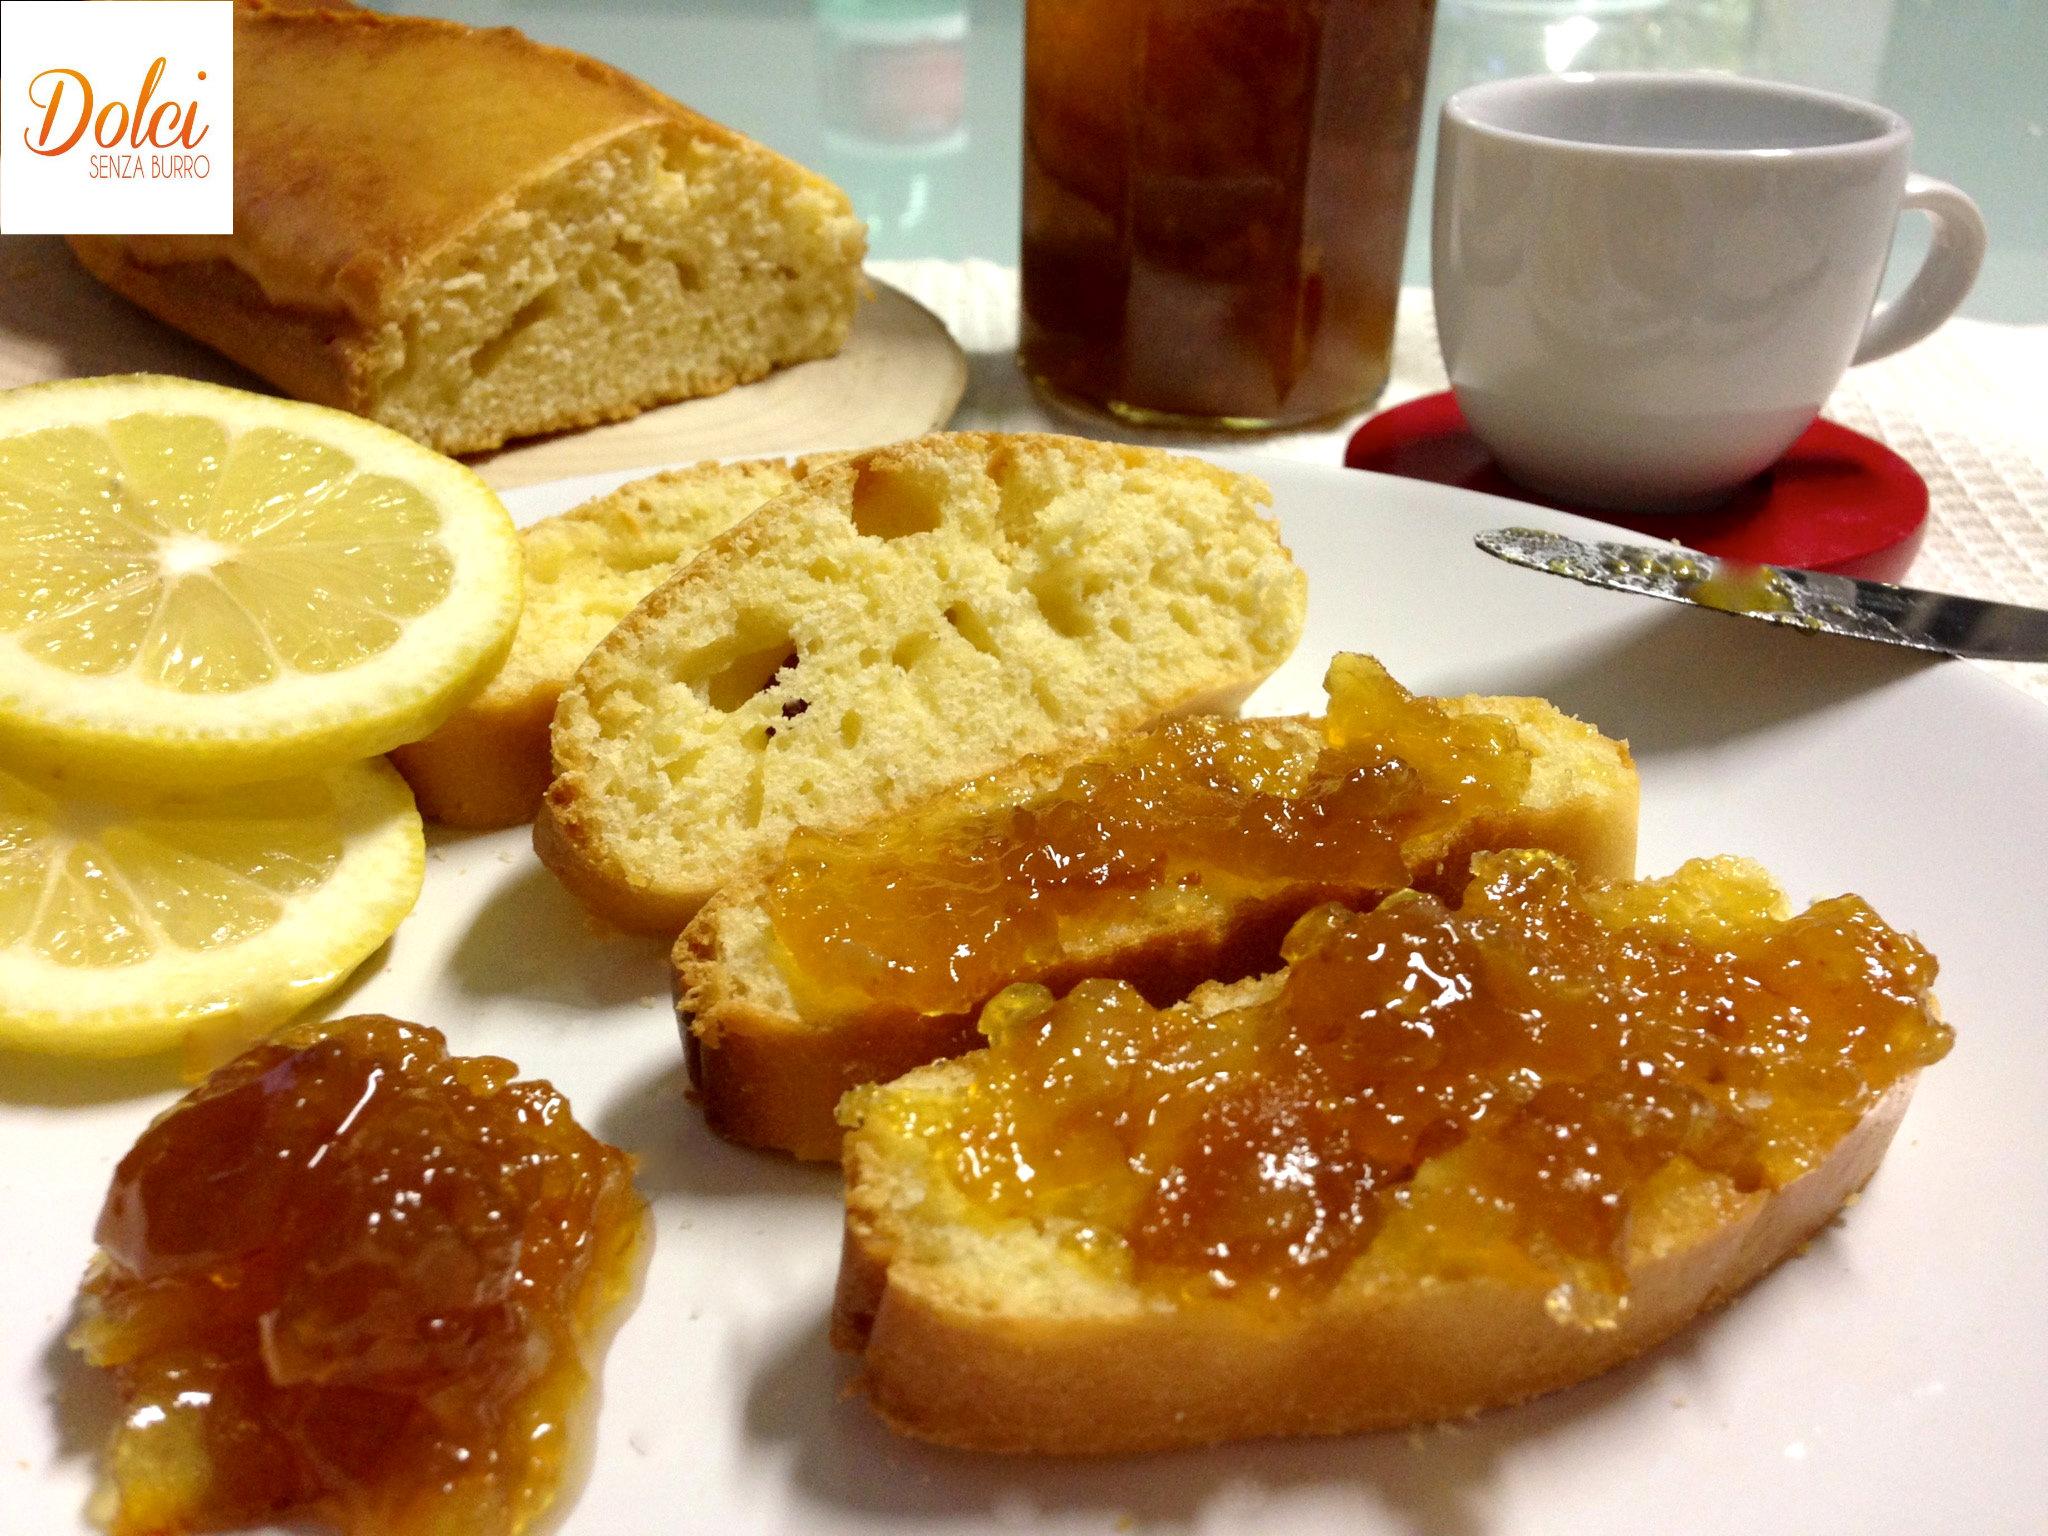 Pan Brioche al Limone Senza Burro un pan brioche senza lattosio di dolci senza burro